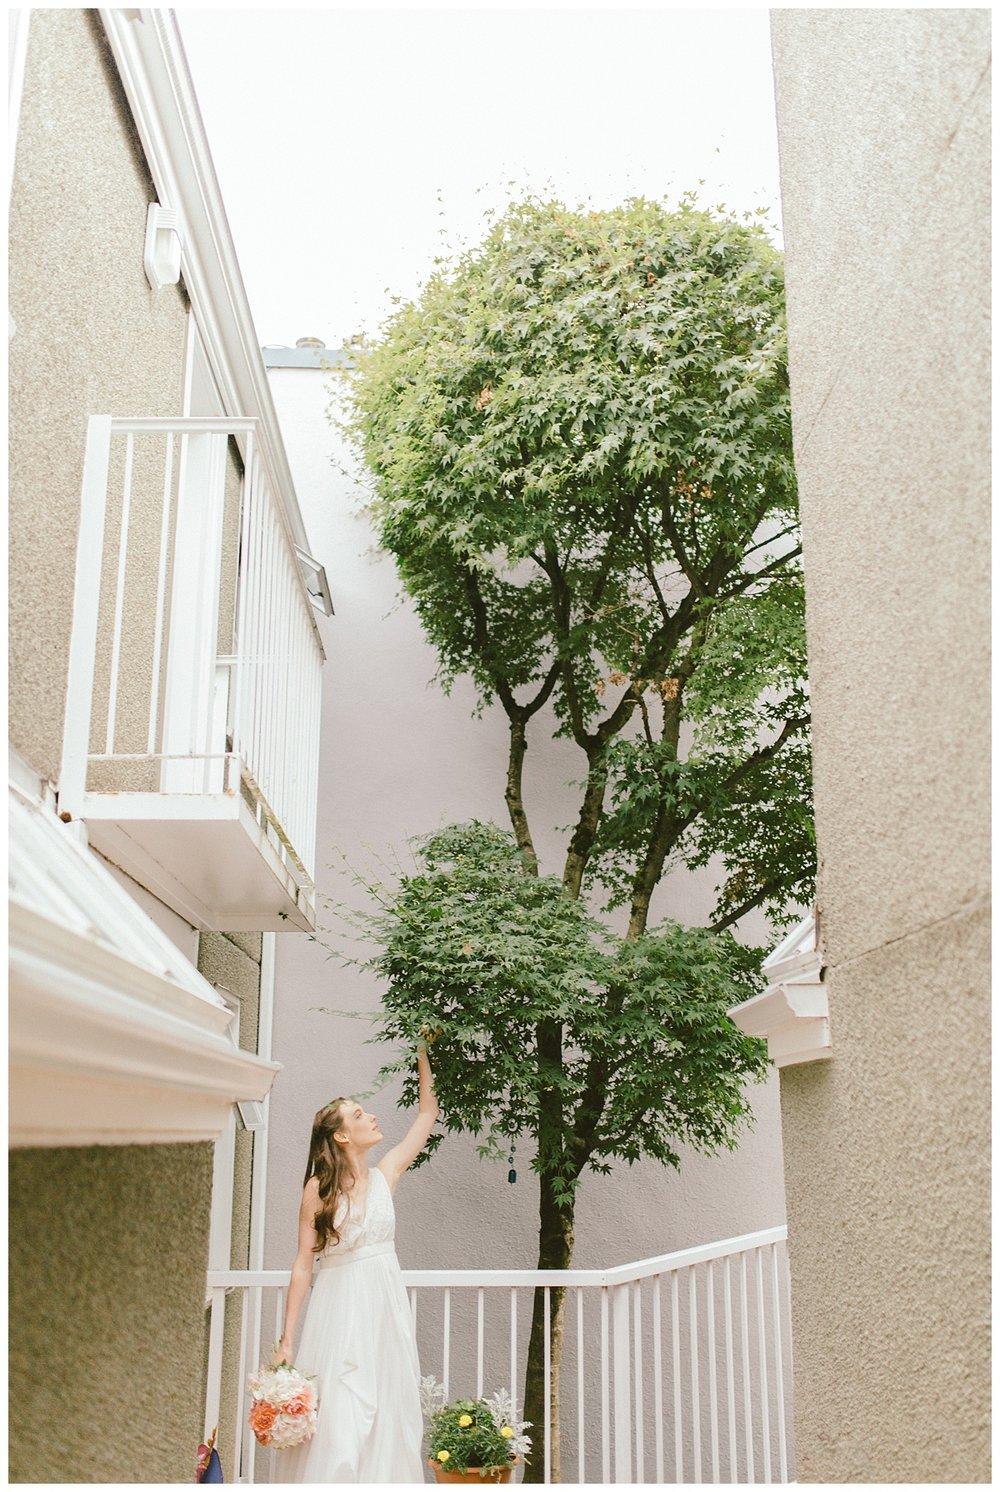 Hong Kong Fine Art Wedding Prewedding Photographer Mattie C. 00004.jpg